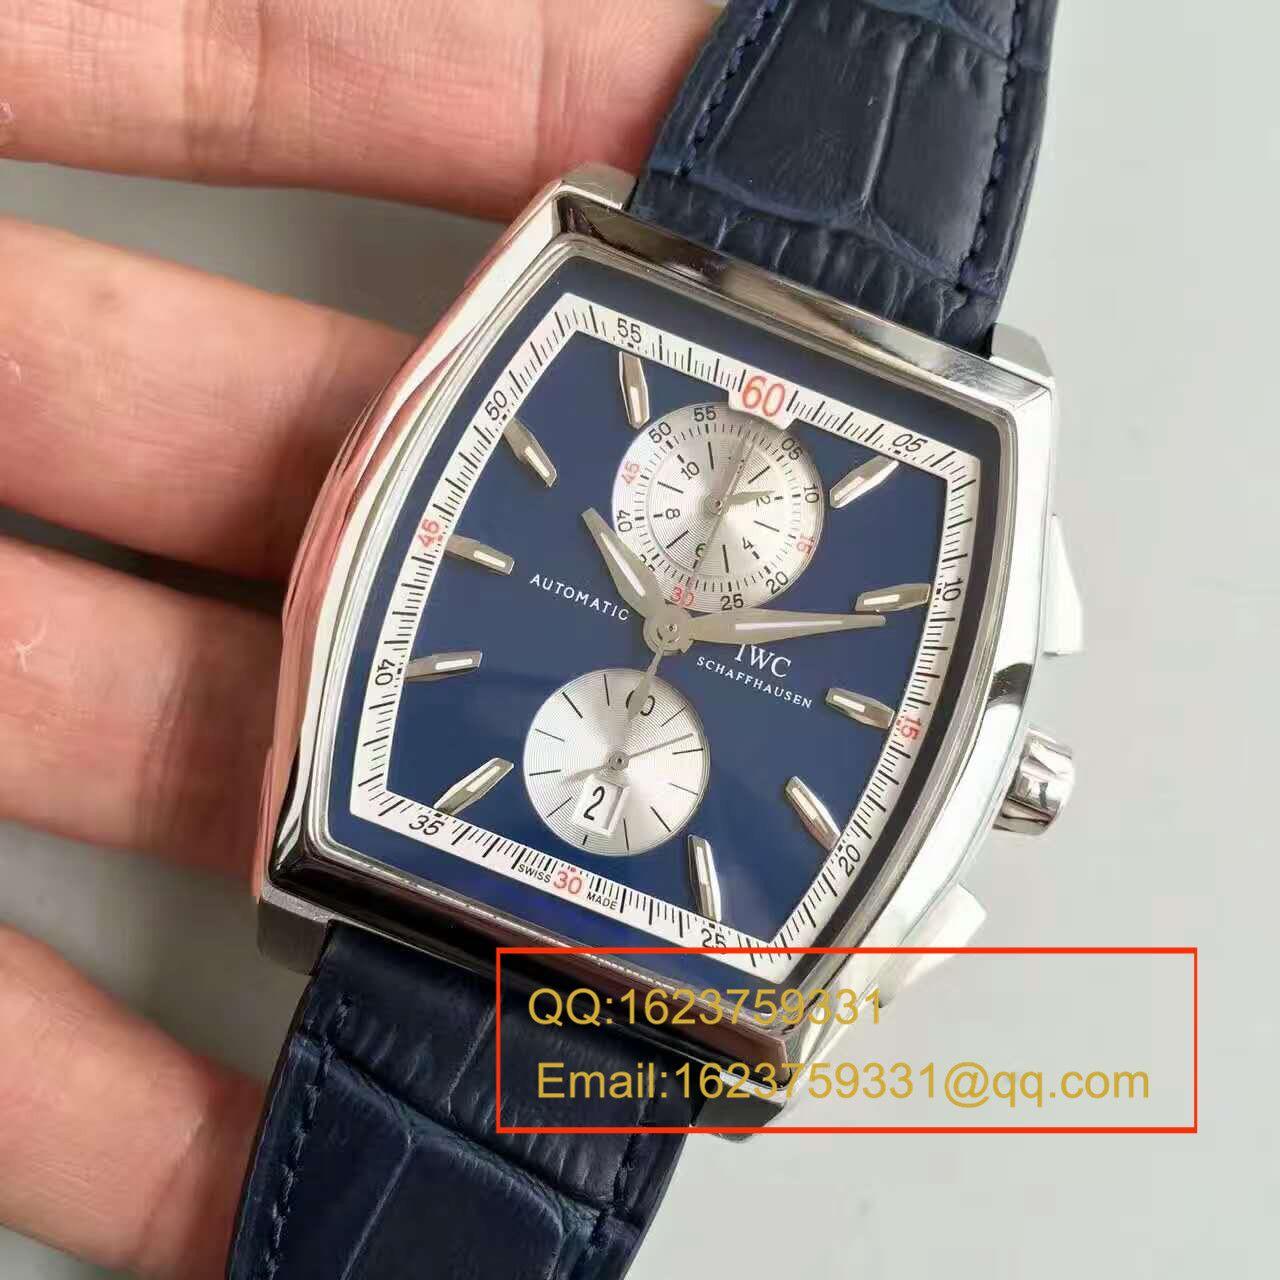 【ZF厂顶级复刻手表】万国达文西系列IW376404腕表